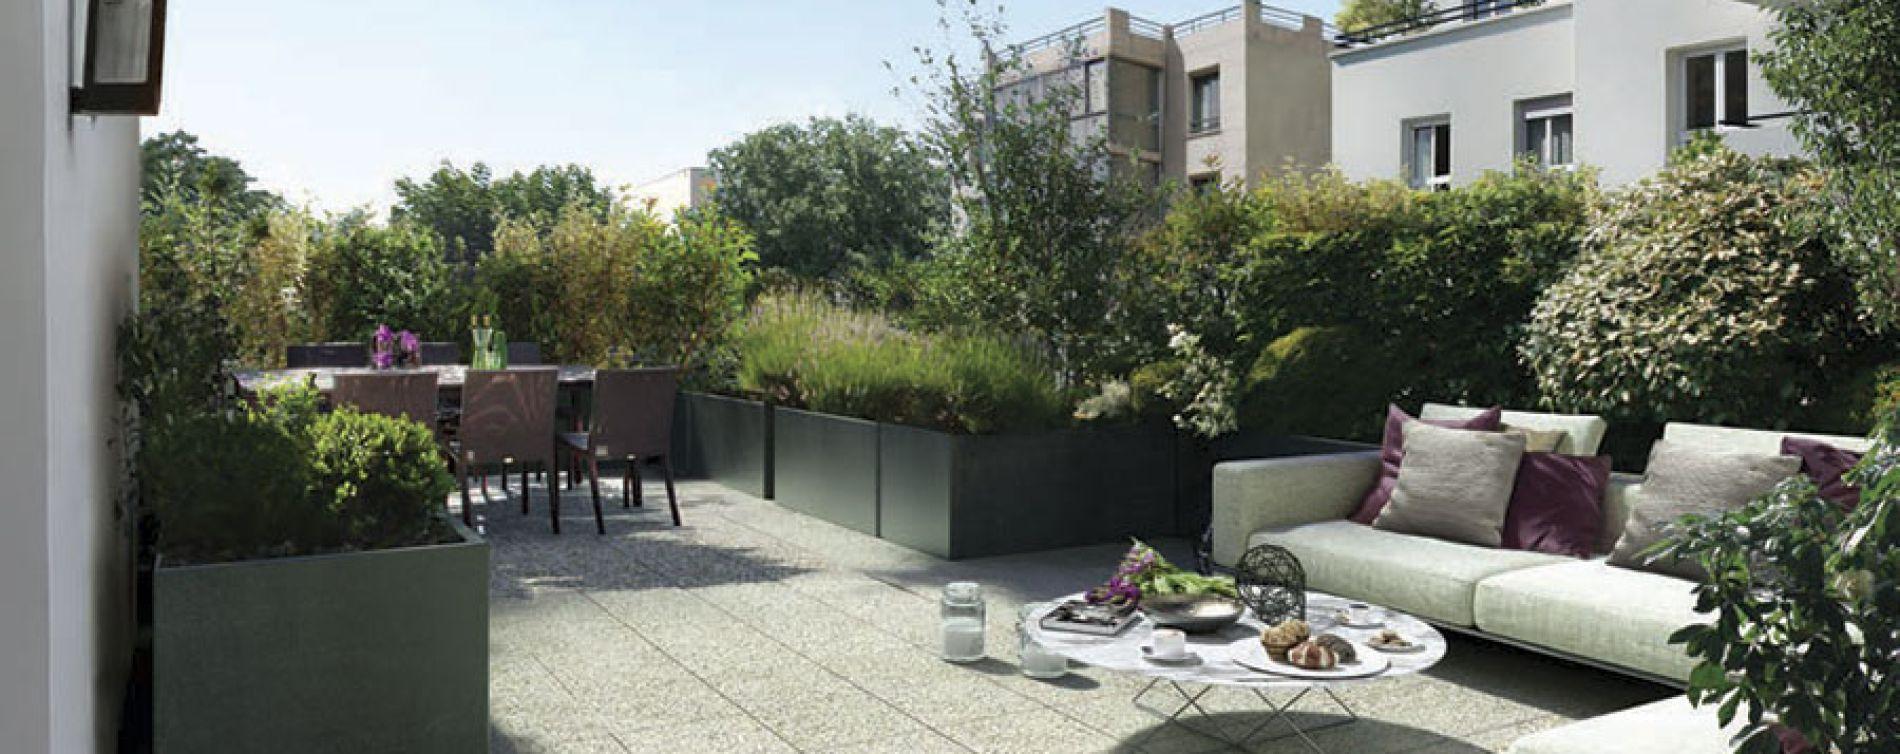 Saint-Denis : programme immobilier neuve « Programme immobilier n°211563 » (2)